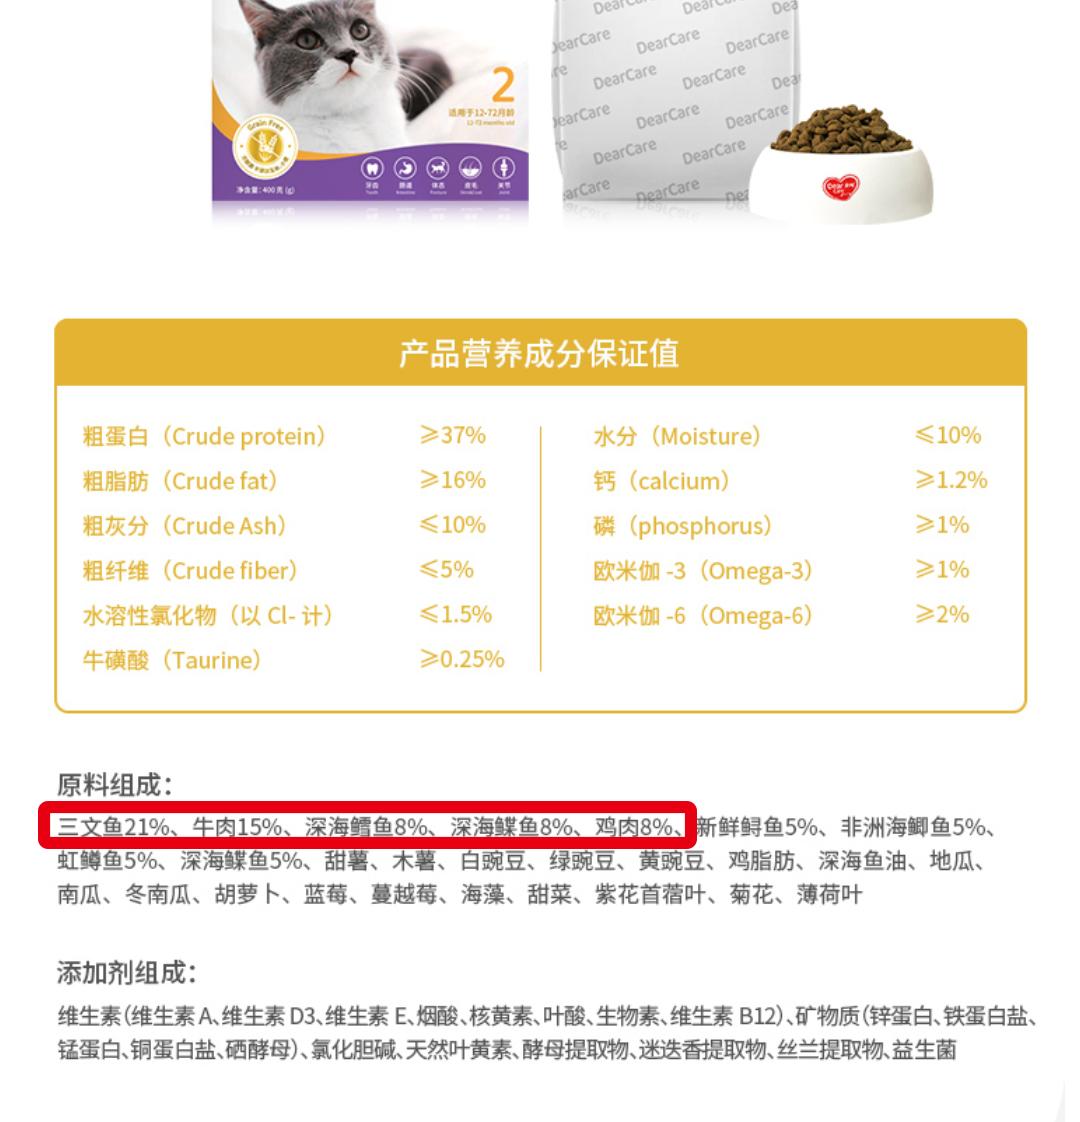 养猫新手必看:如何为猫主子选购一款合适的口粮?